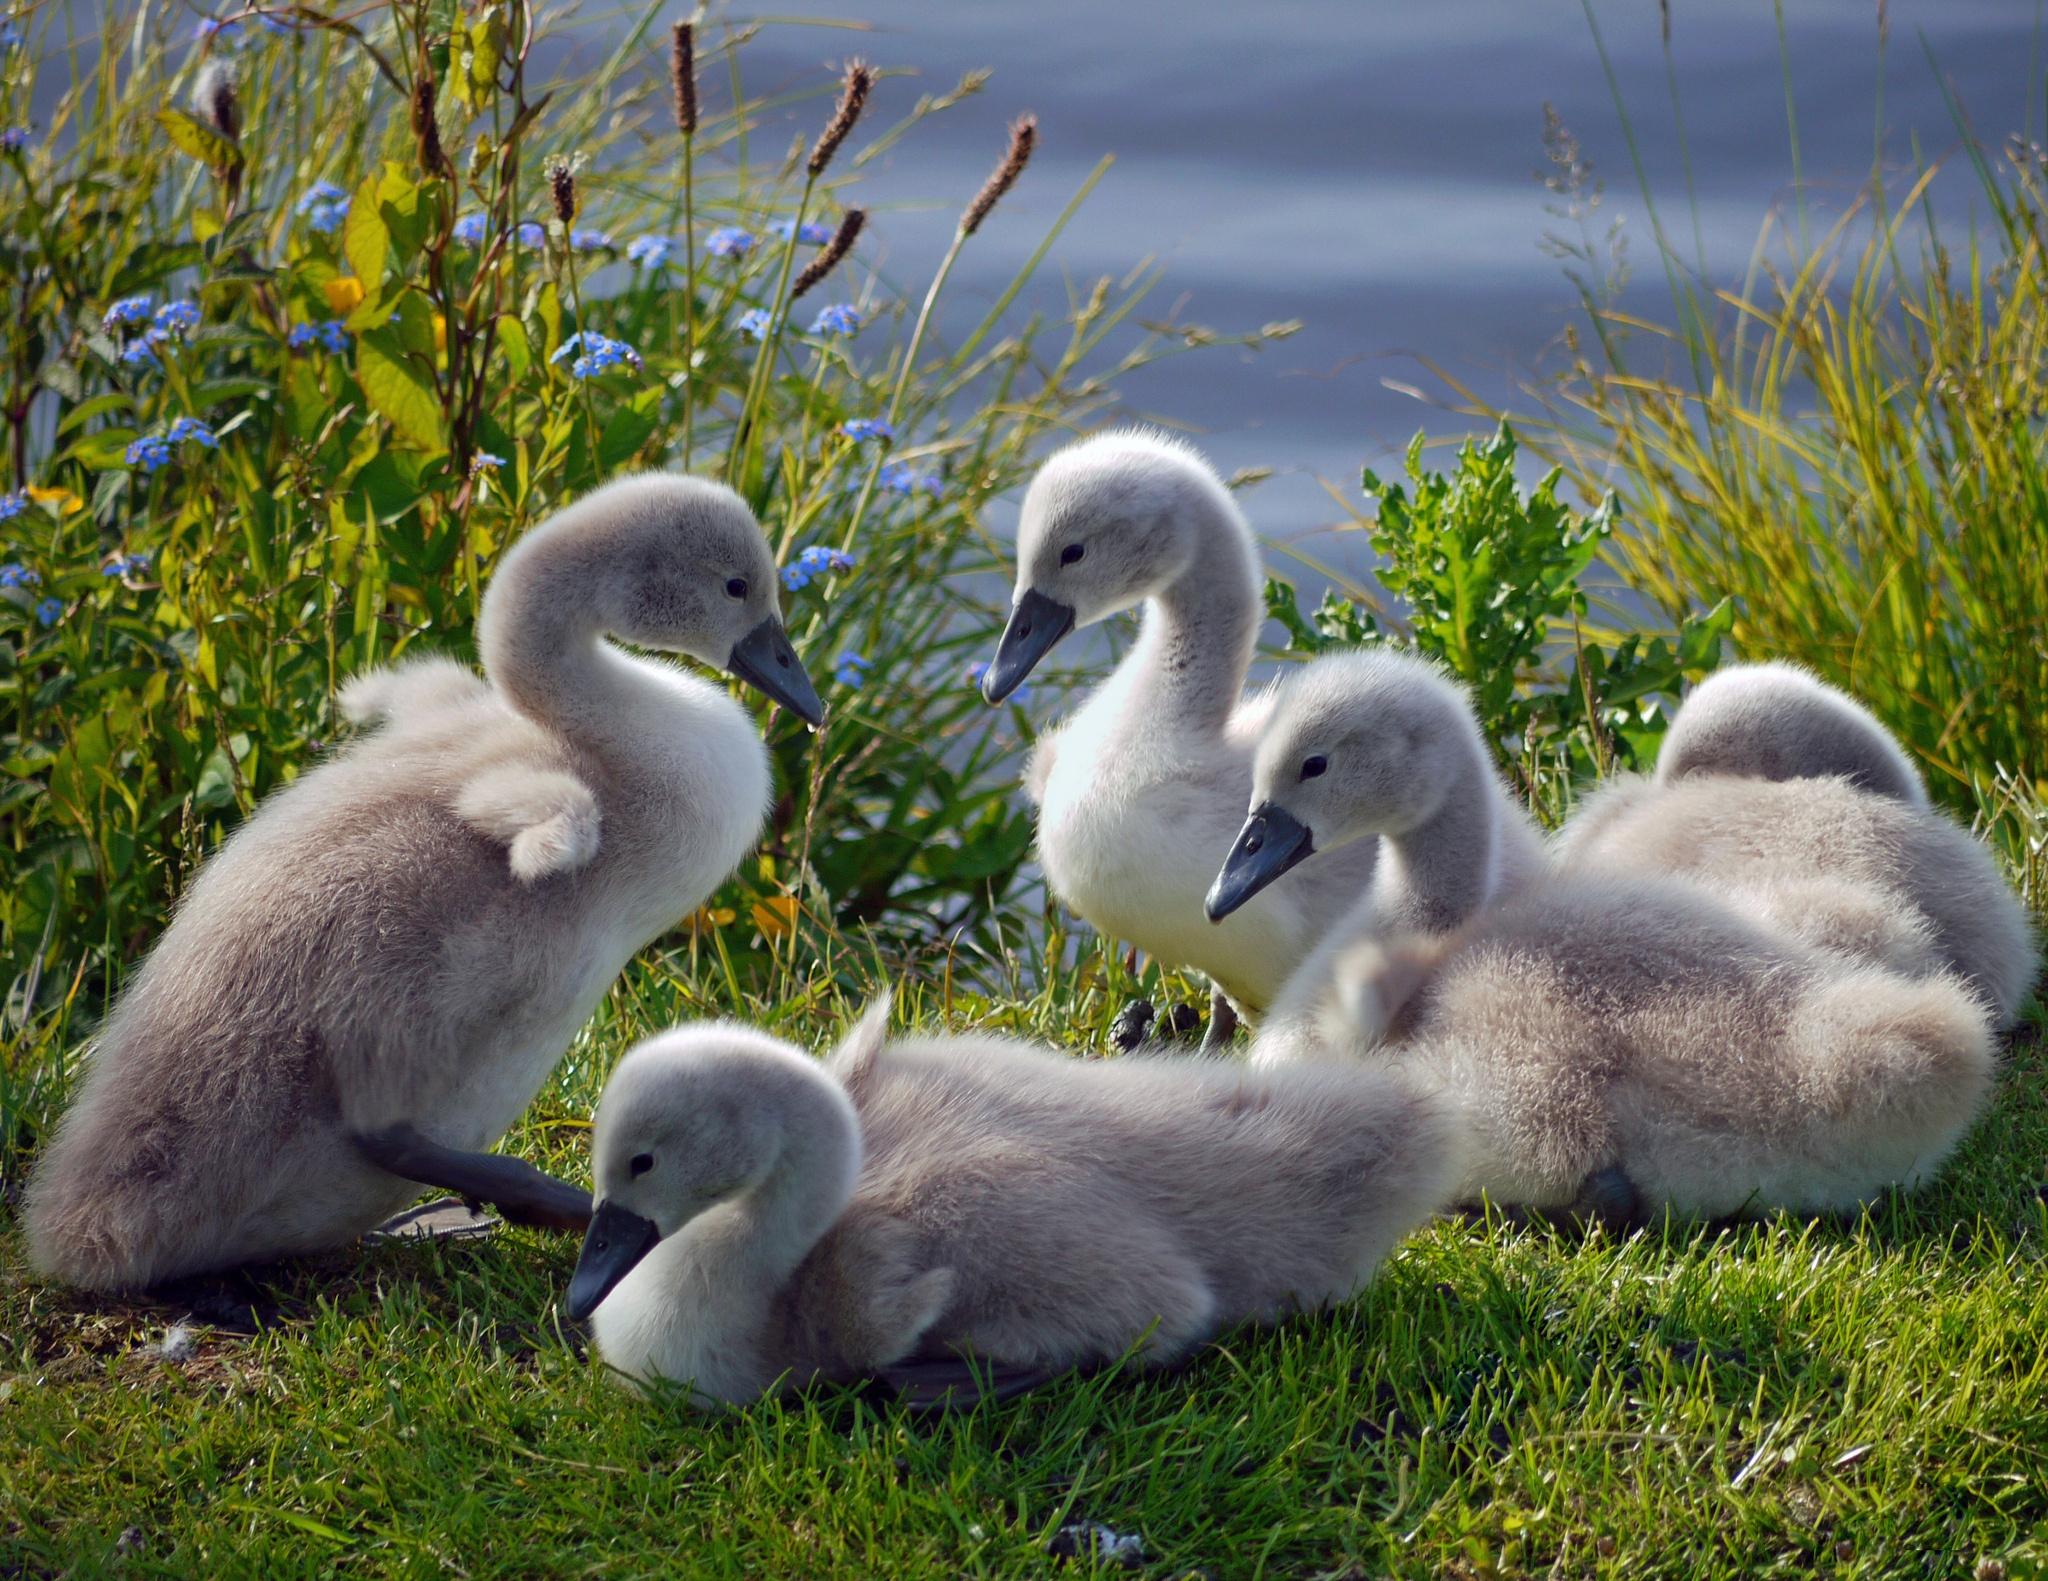 63811 Hintergrundbild 540x960 kostenlos auf deinem Handy, lade Bilder Tiere, Grass, Swans, Die Familie, Familie, Herde, Entenküken 540x960 auf dein Handy herunter